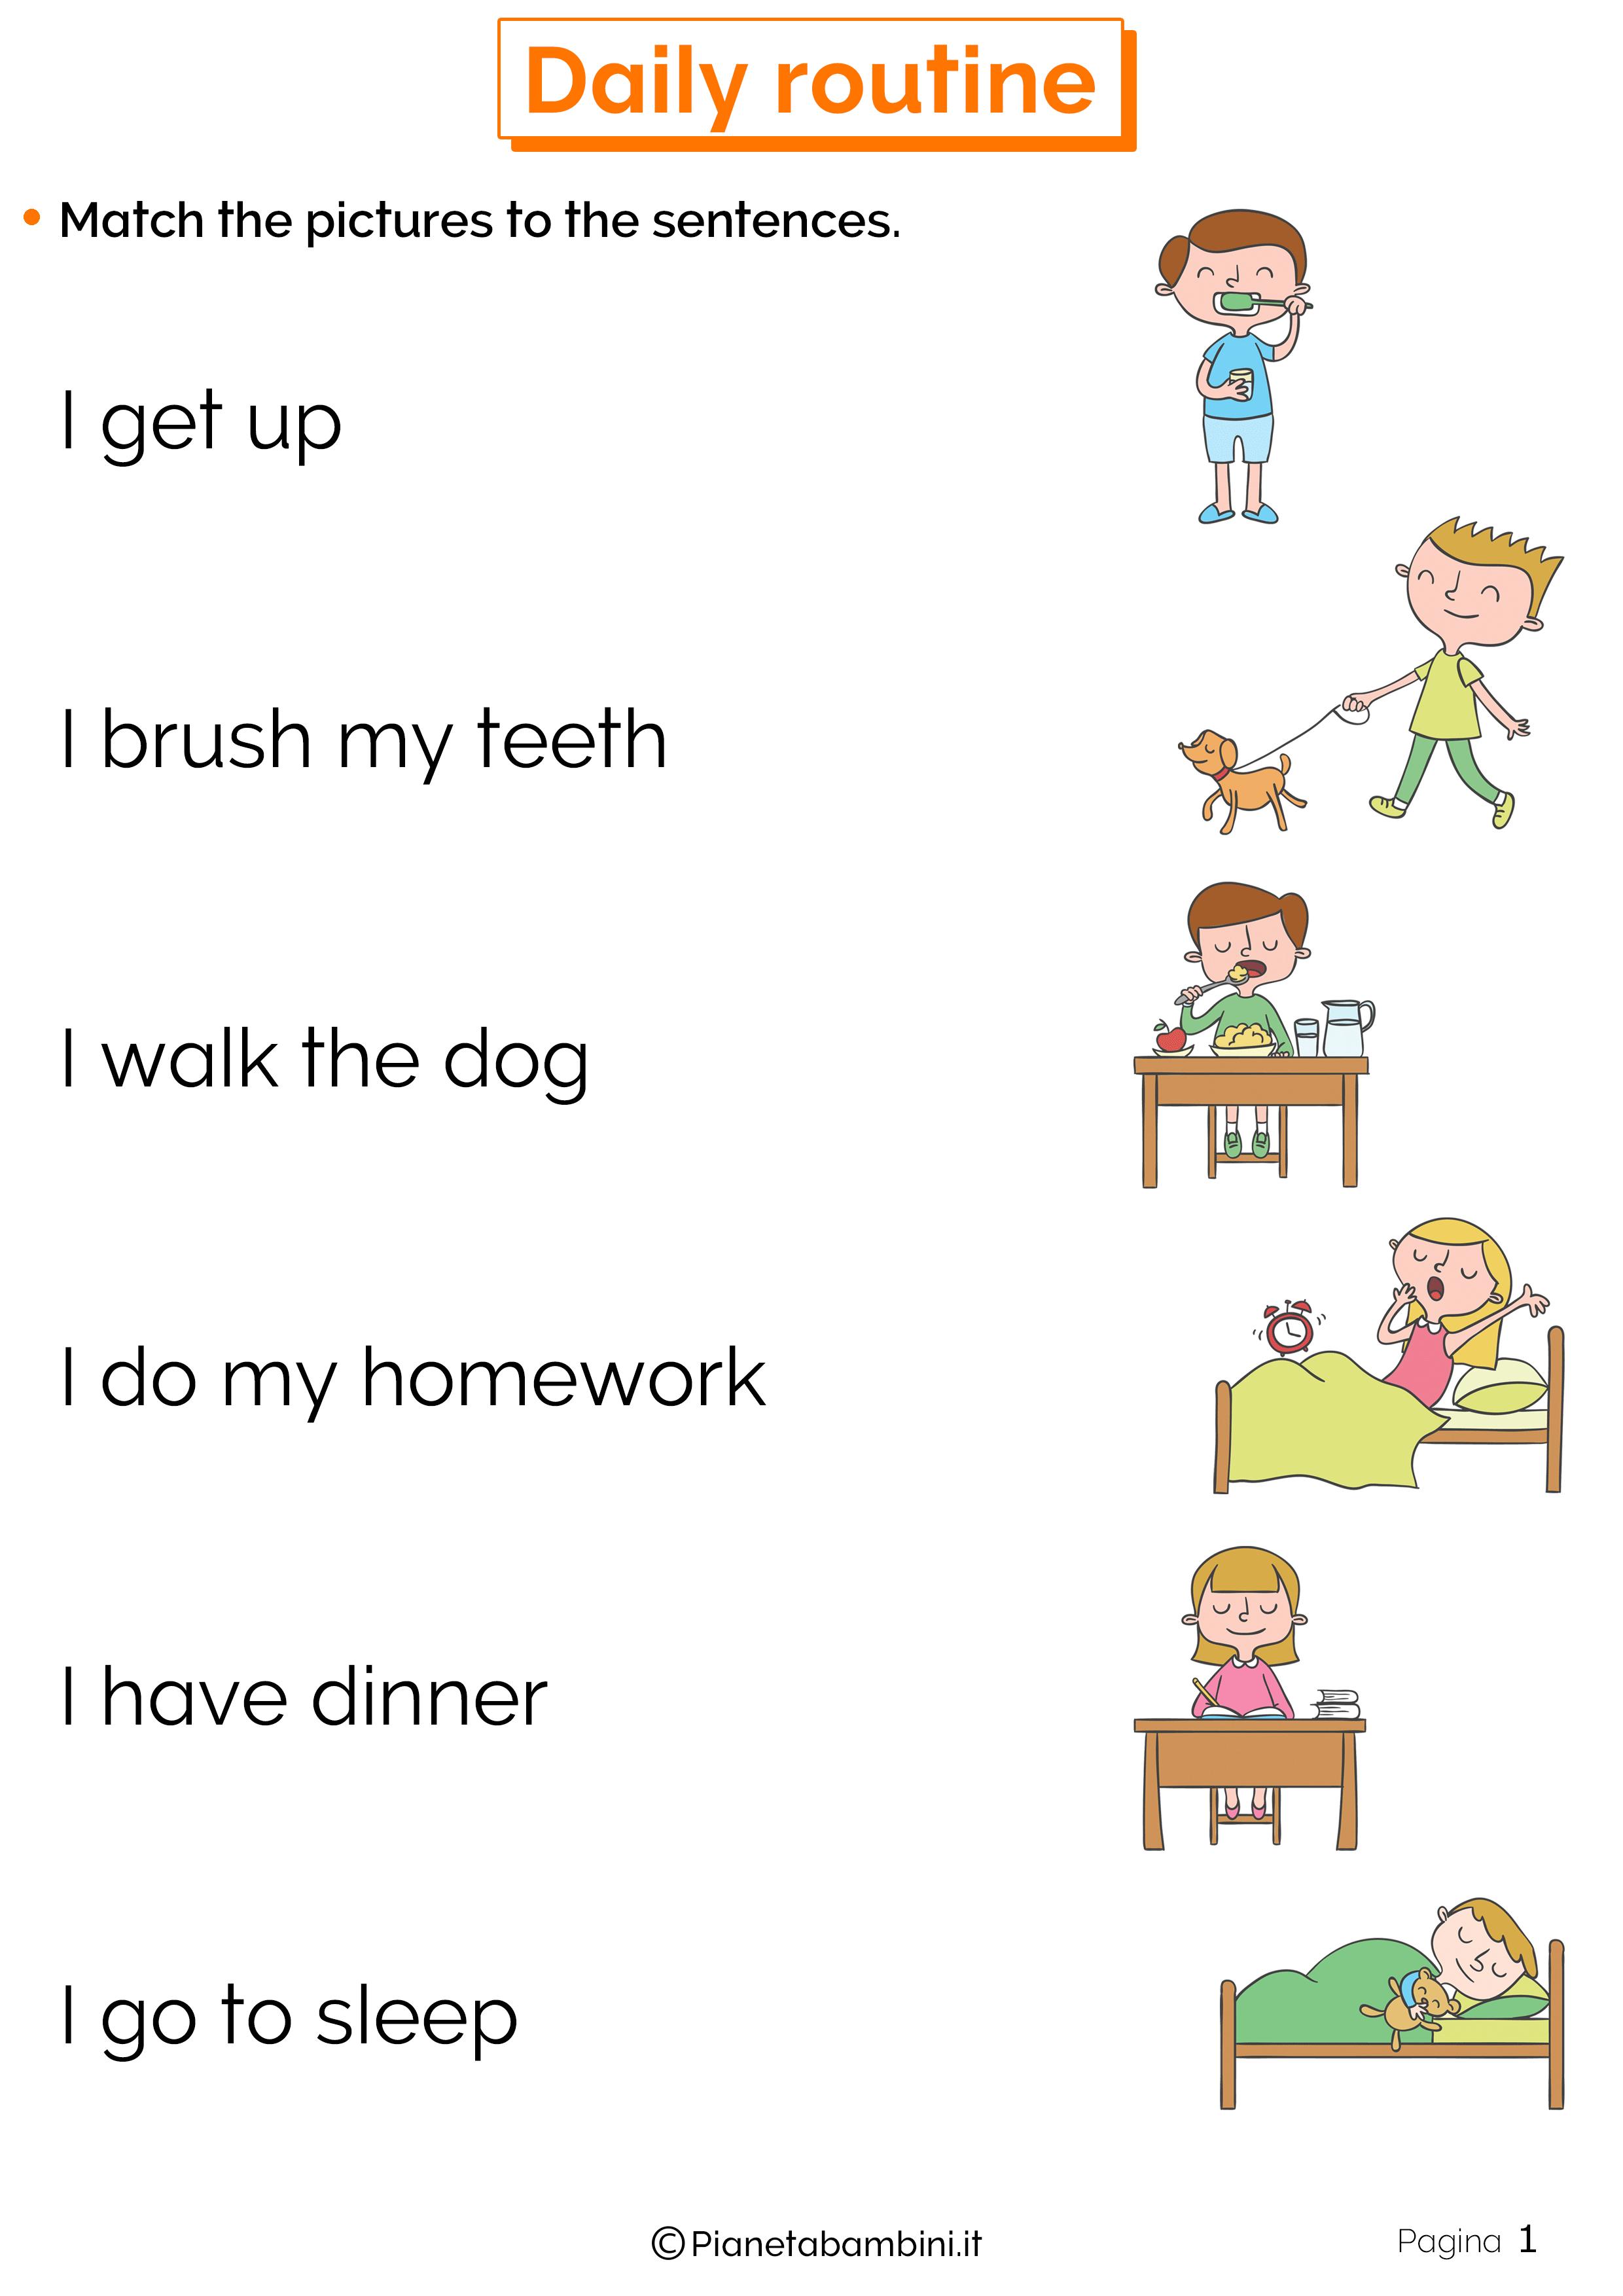 Esercizi sulle azioni quotidiane in inglese 1